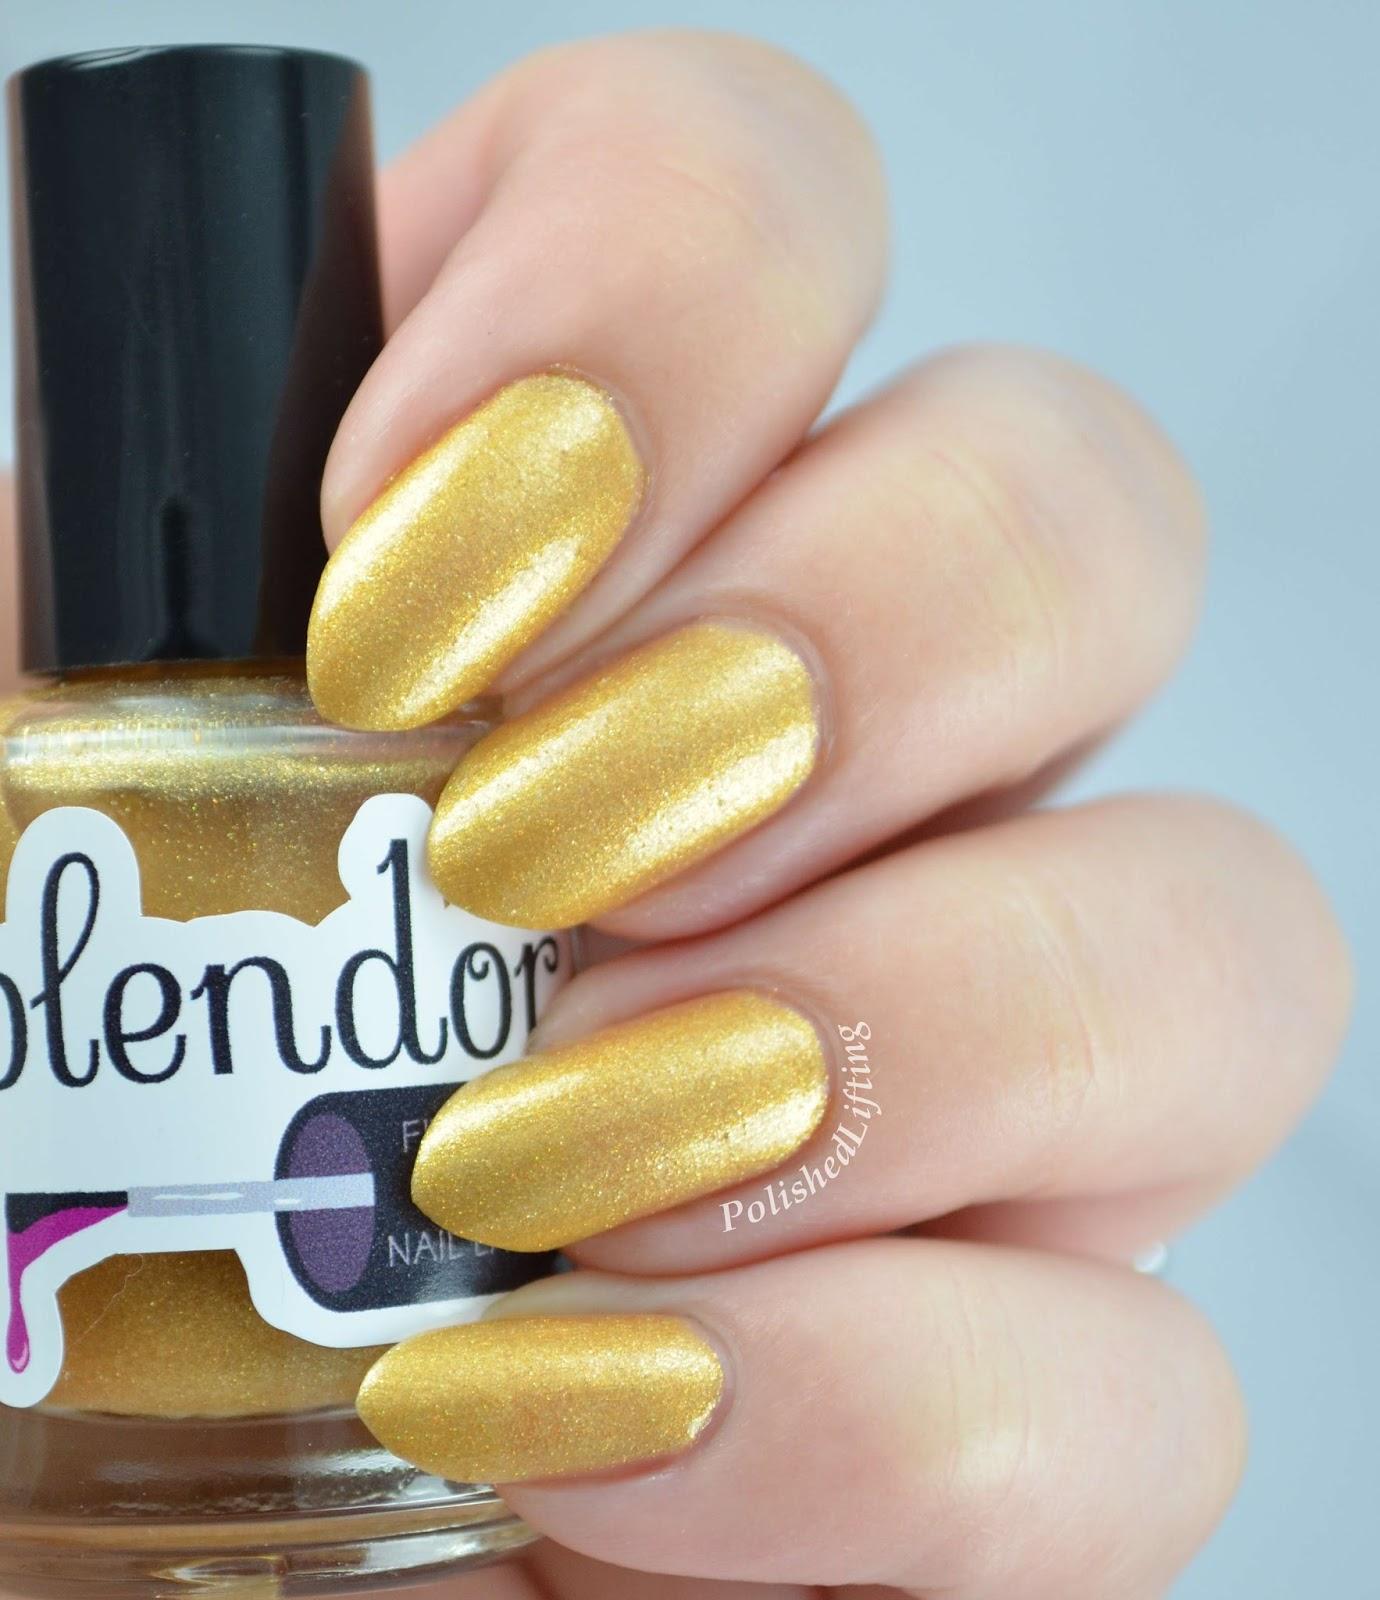 Splendor Nail Lacquer 090909